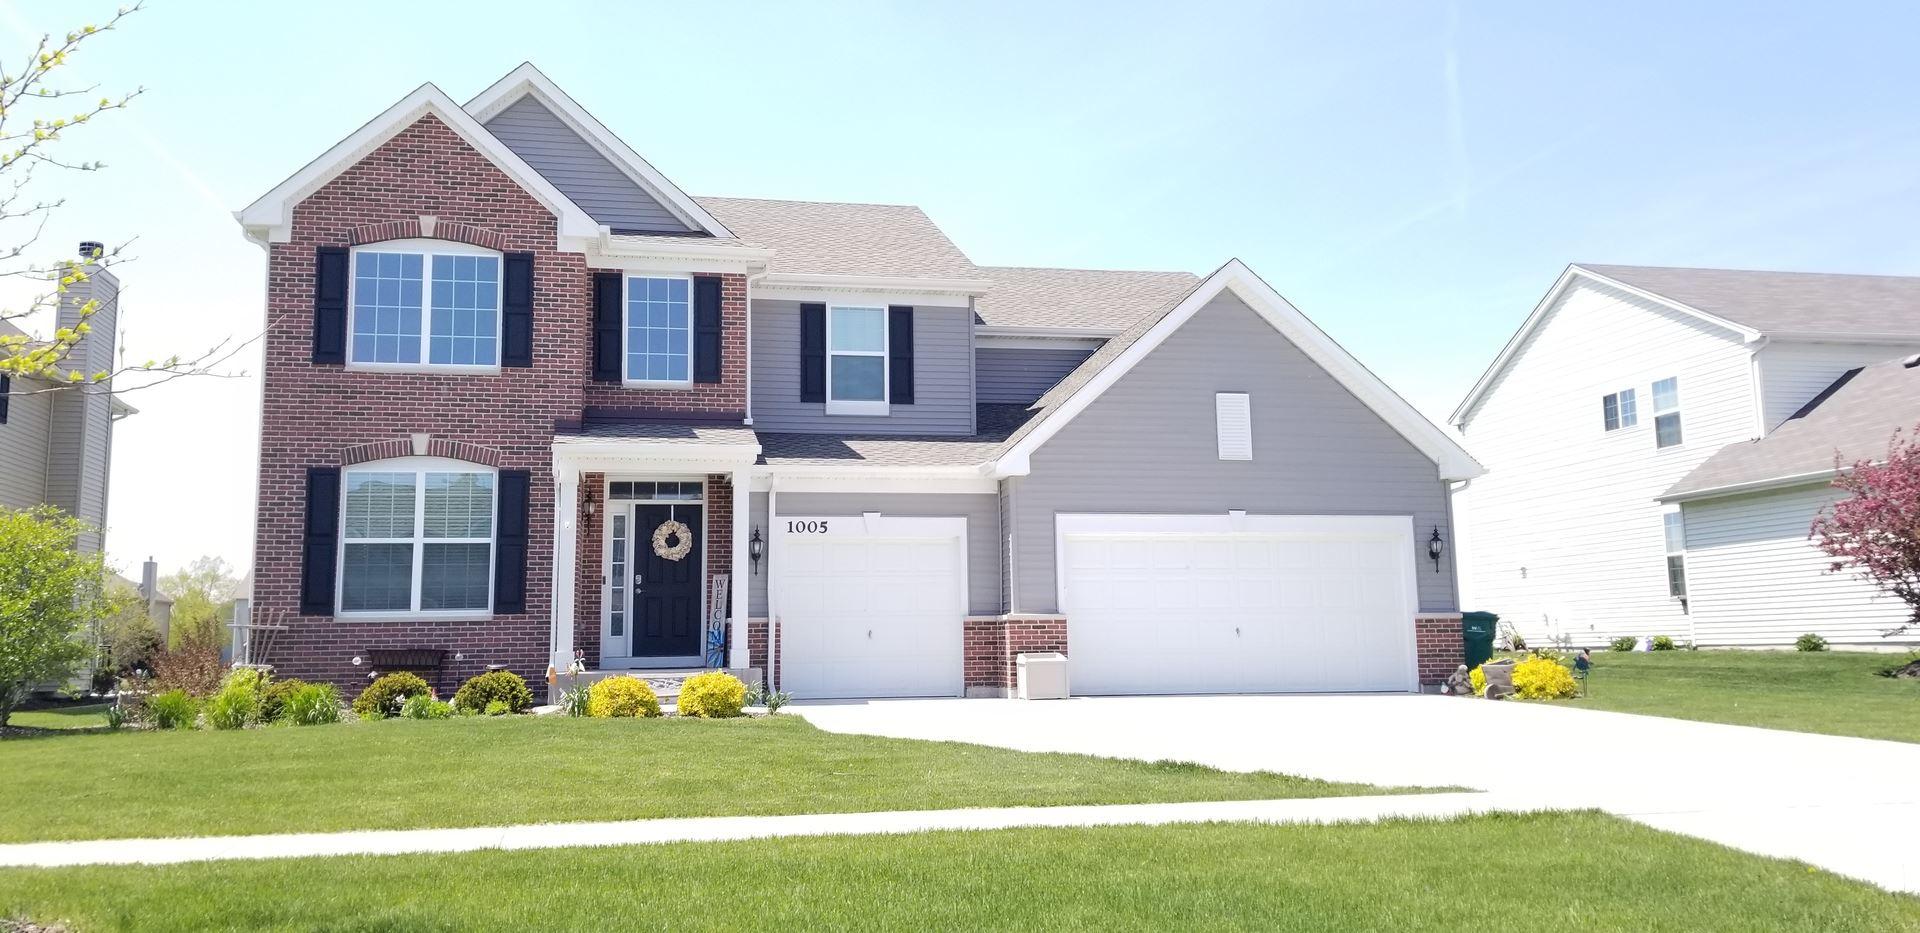 1005 TRILLIUM Lane, Shorewood, IL 60404 - #: 10715252